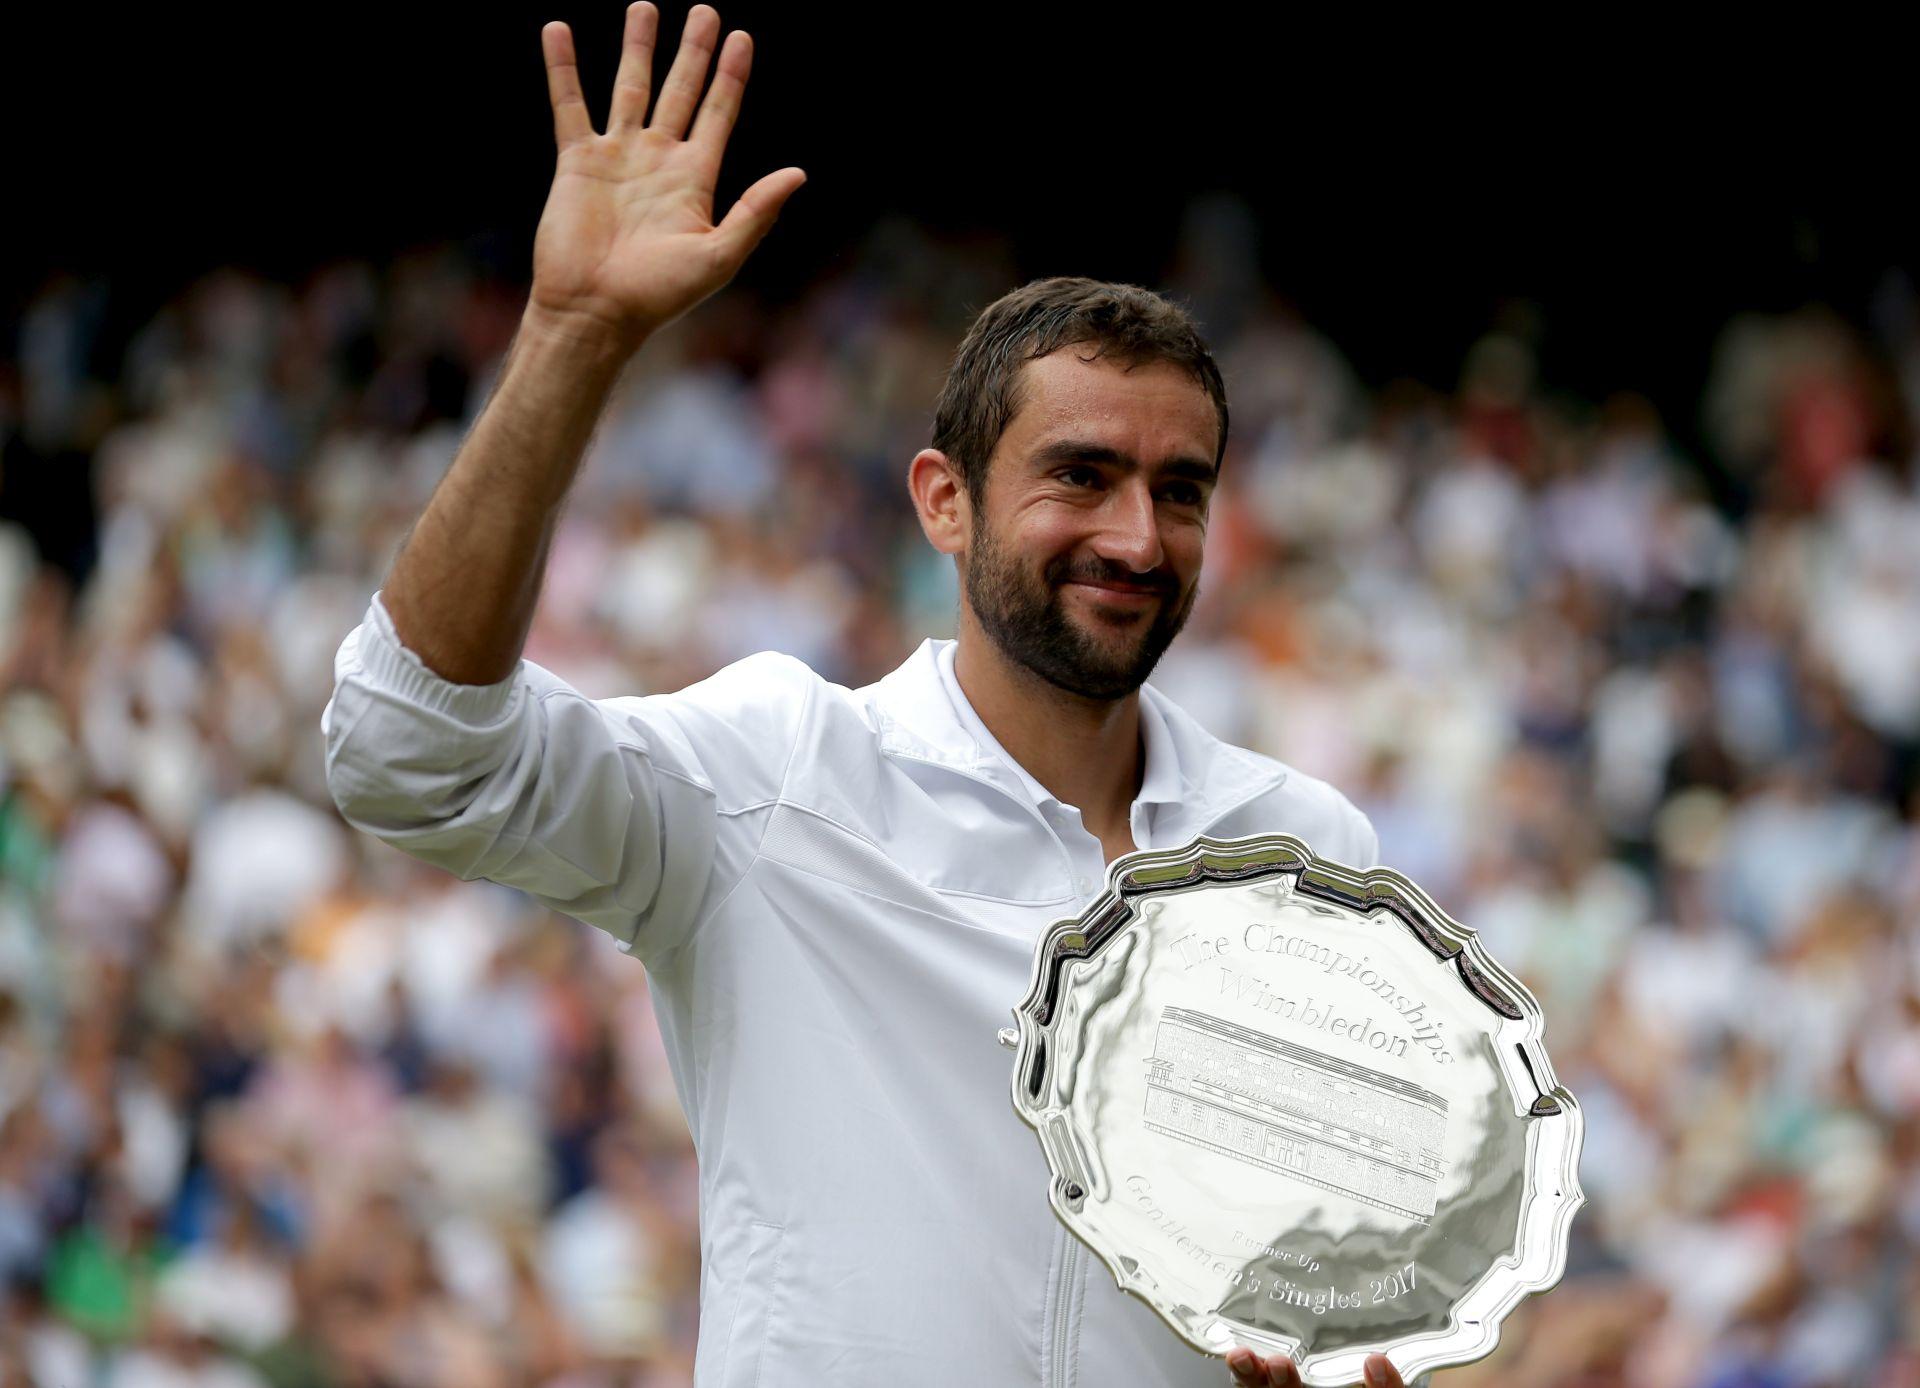 ATP LJESTVICA Čilić ostao šesti, Federer stigao na treće mjesto